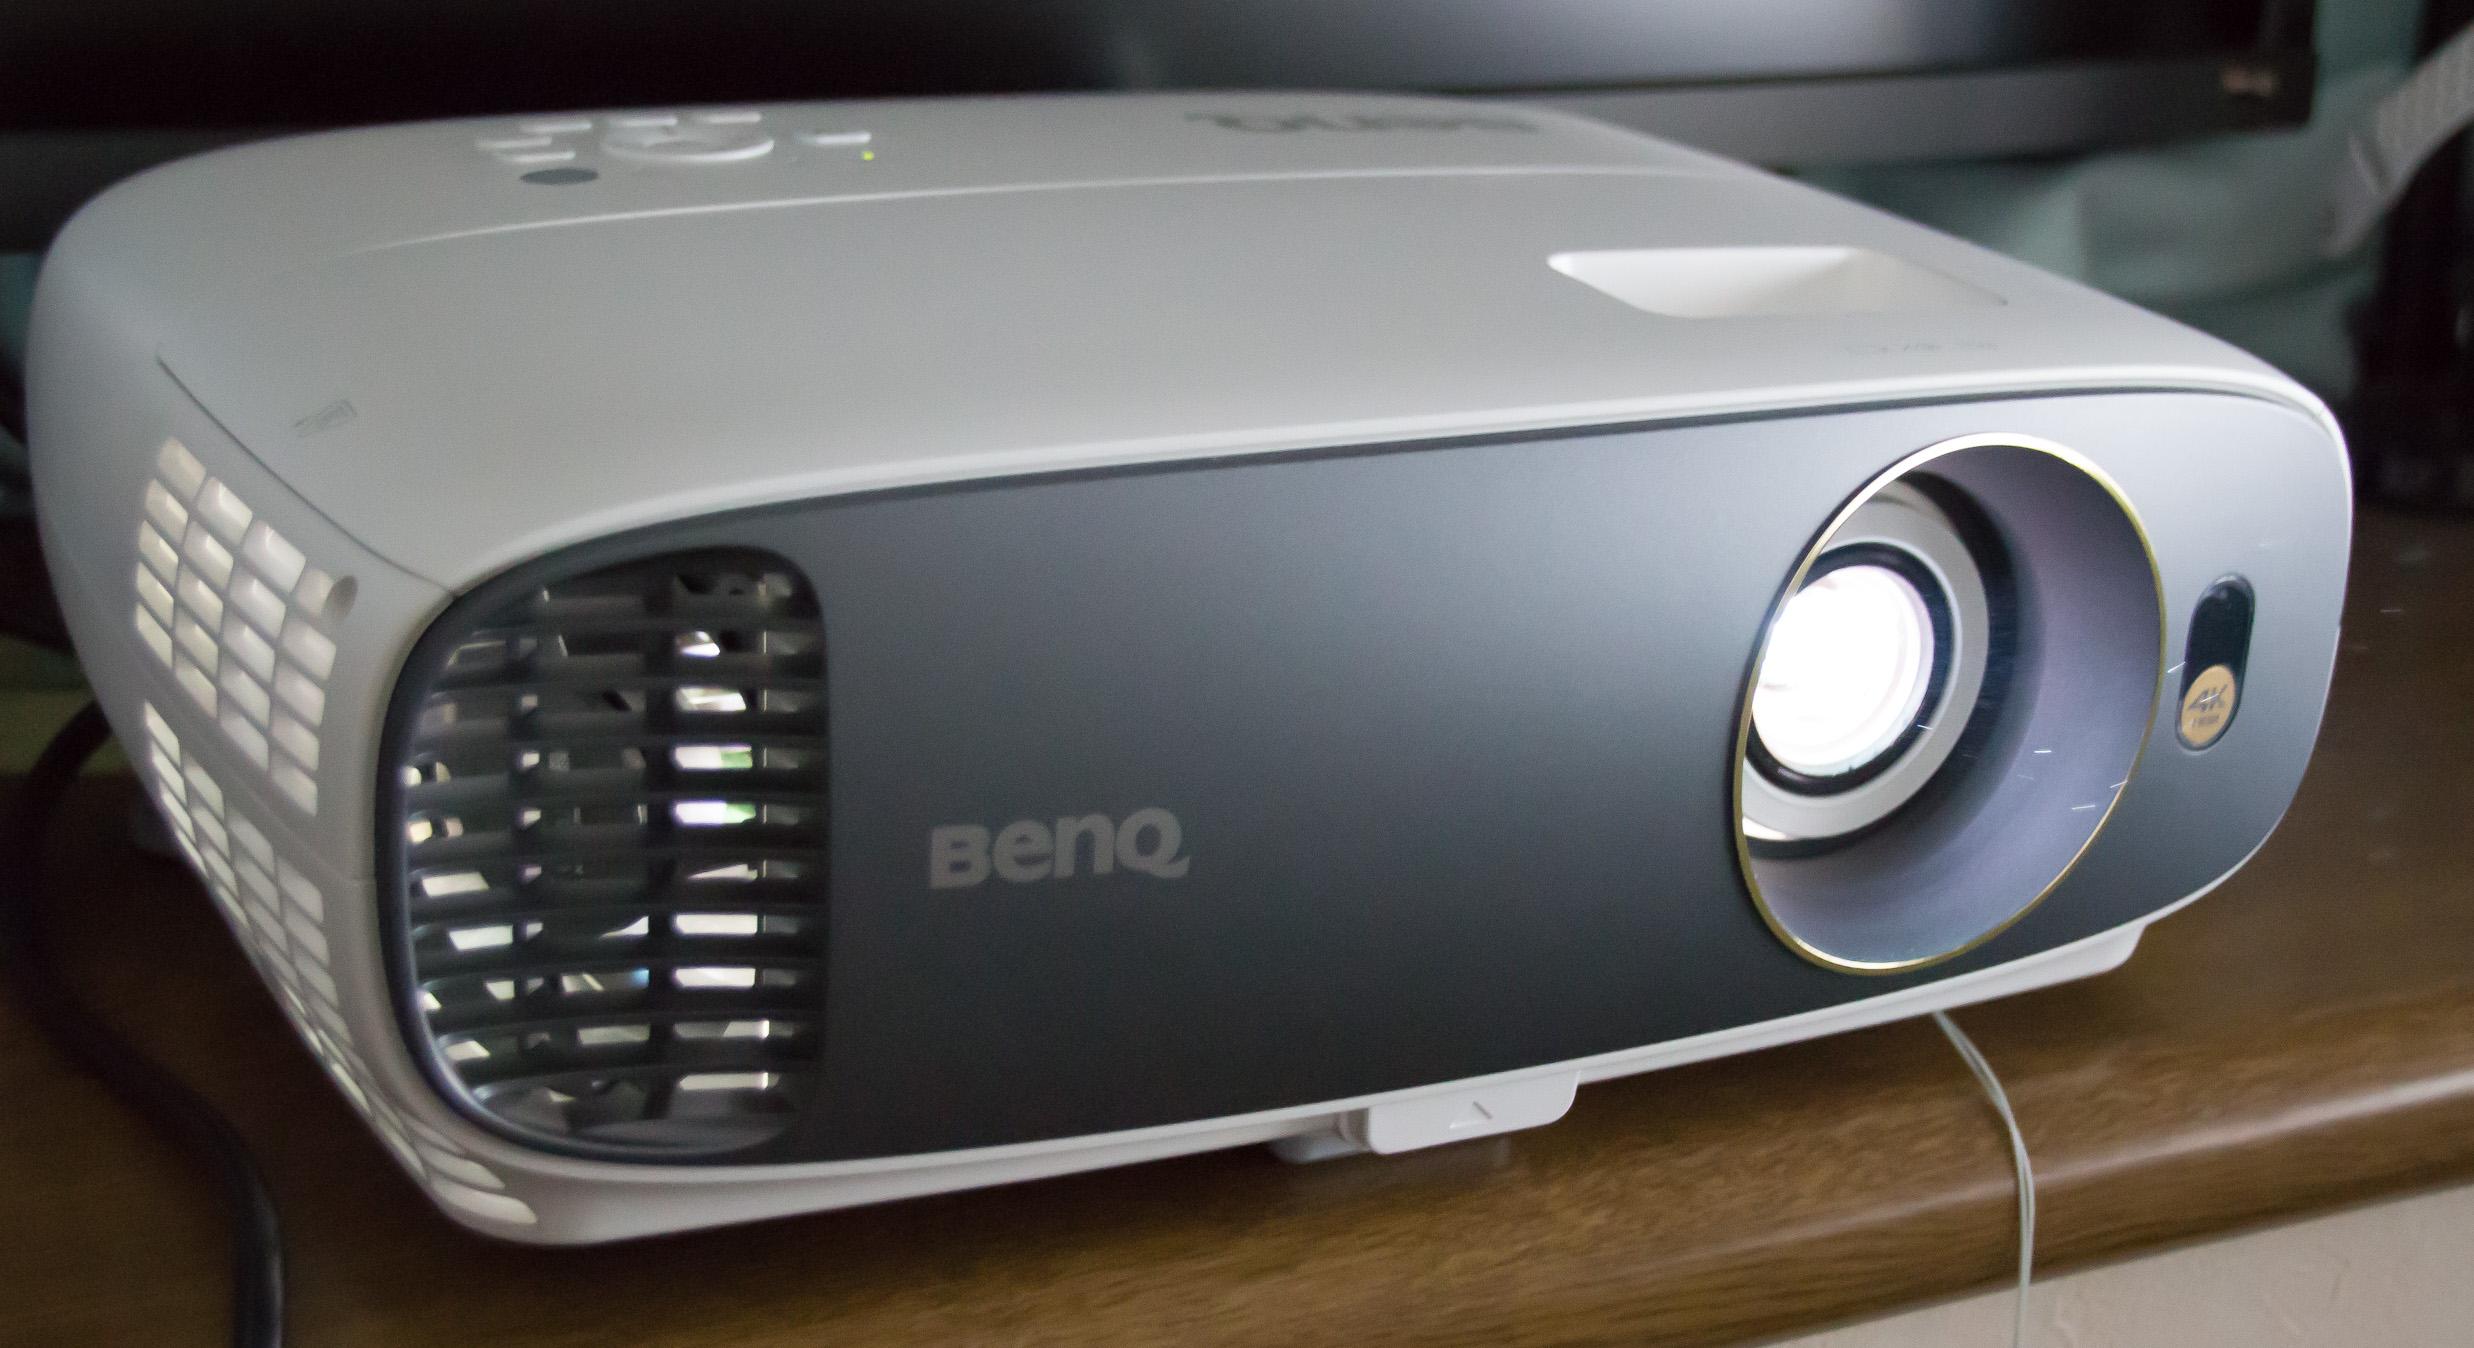 高画質かつ大画面でゲームや映像を楽しめる!4K HDRホームシネマプロジェクター『BenQ HT2550』レビュー